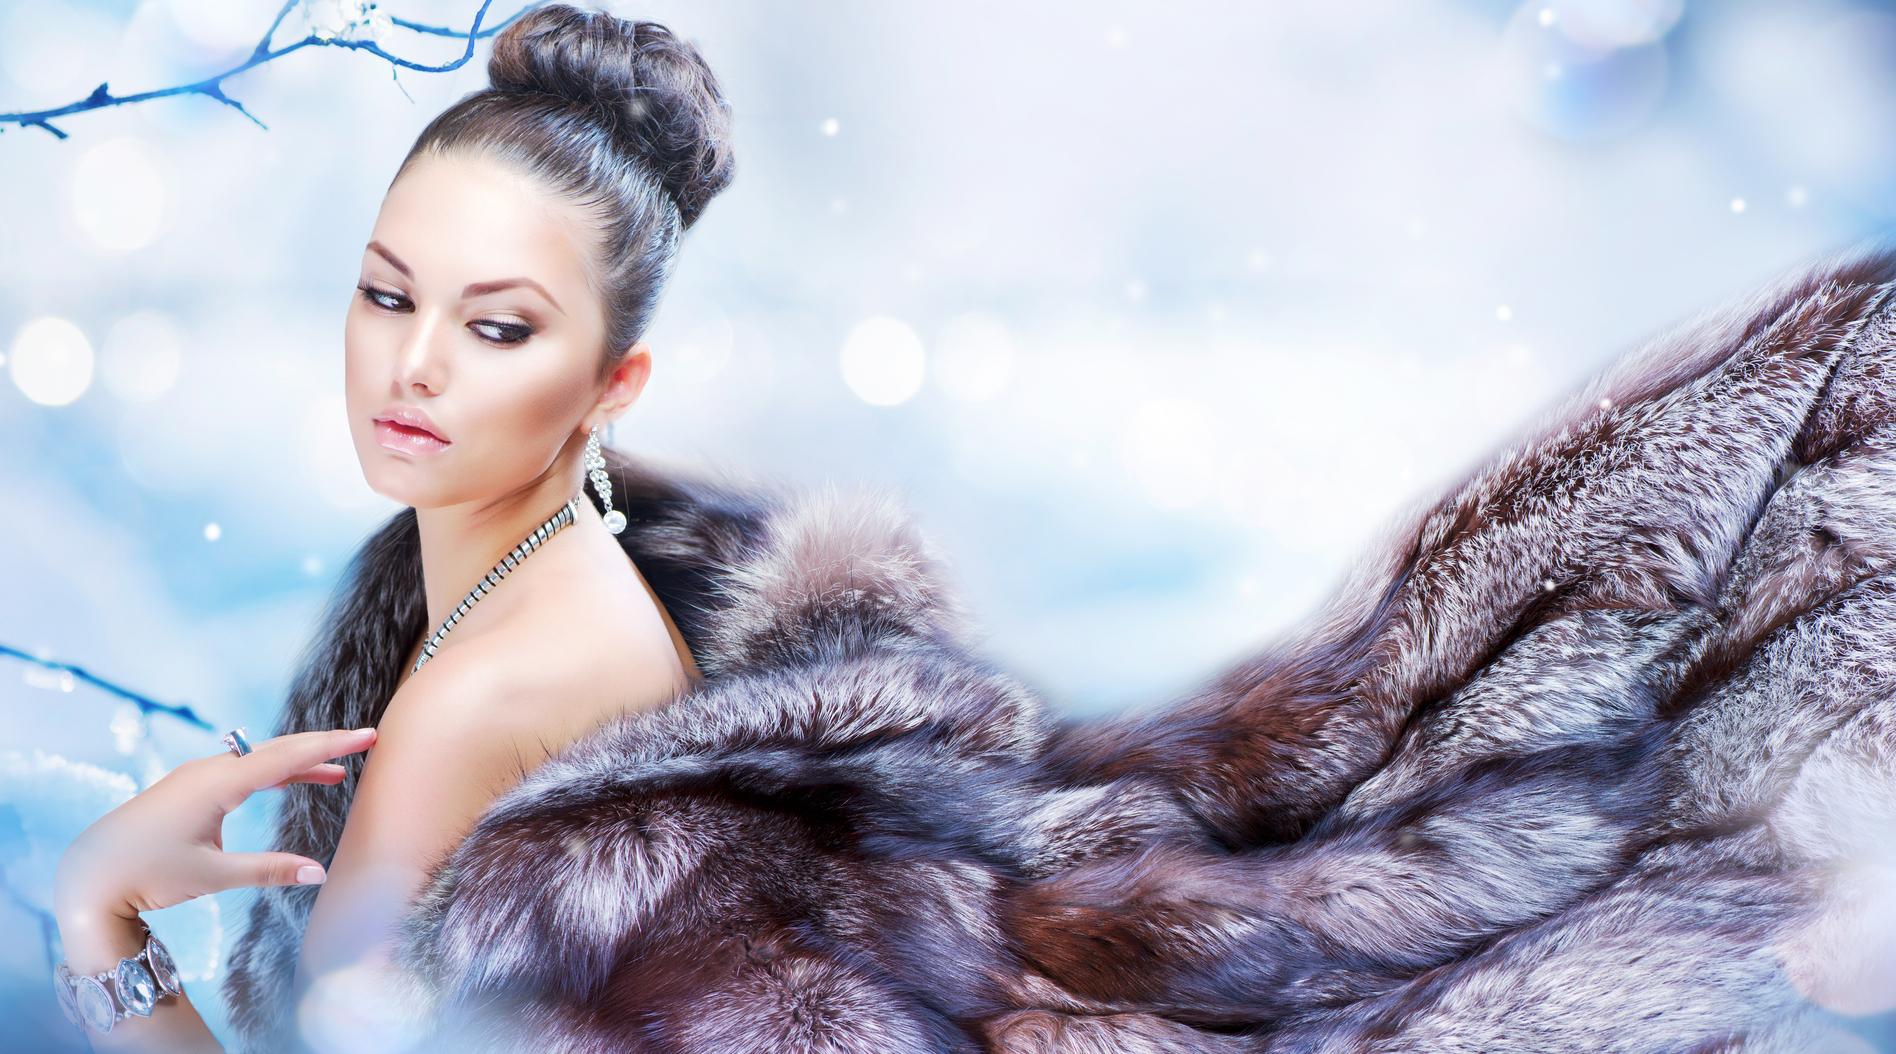 Лед благодаря своим освежающим свойствам поможет тебе справиться со множеством проблем кожи